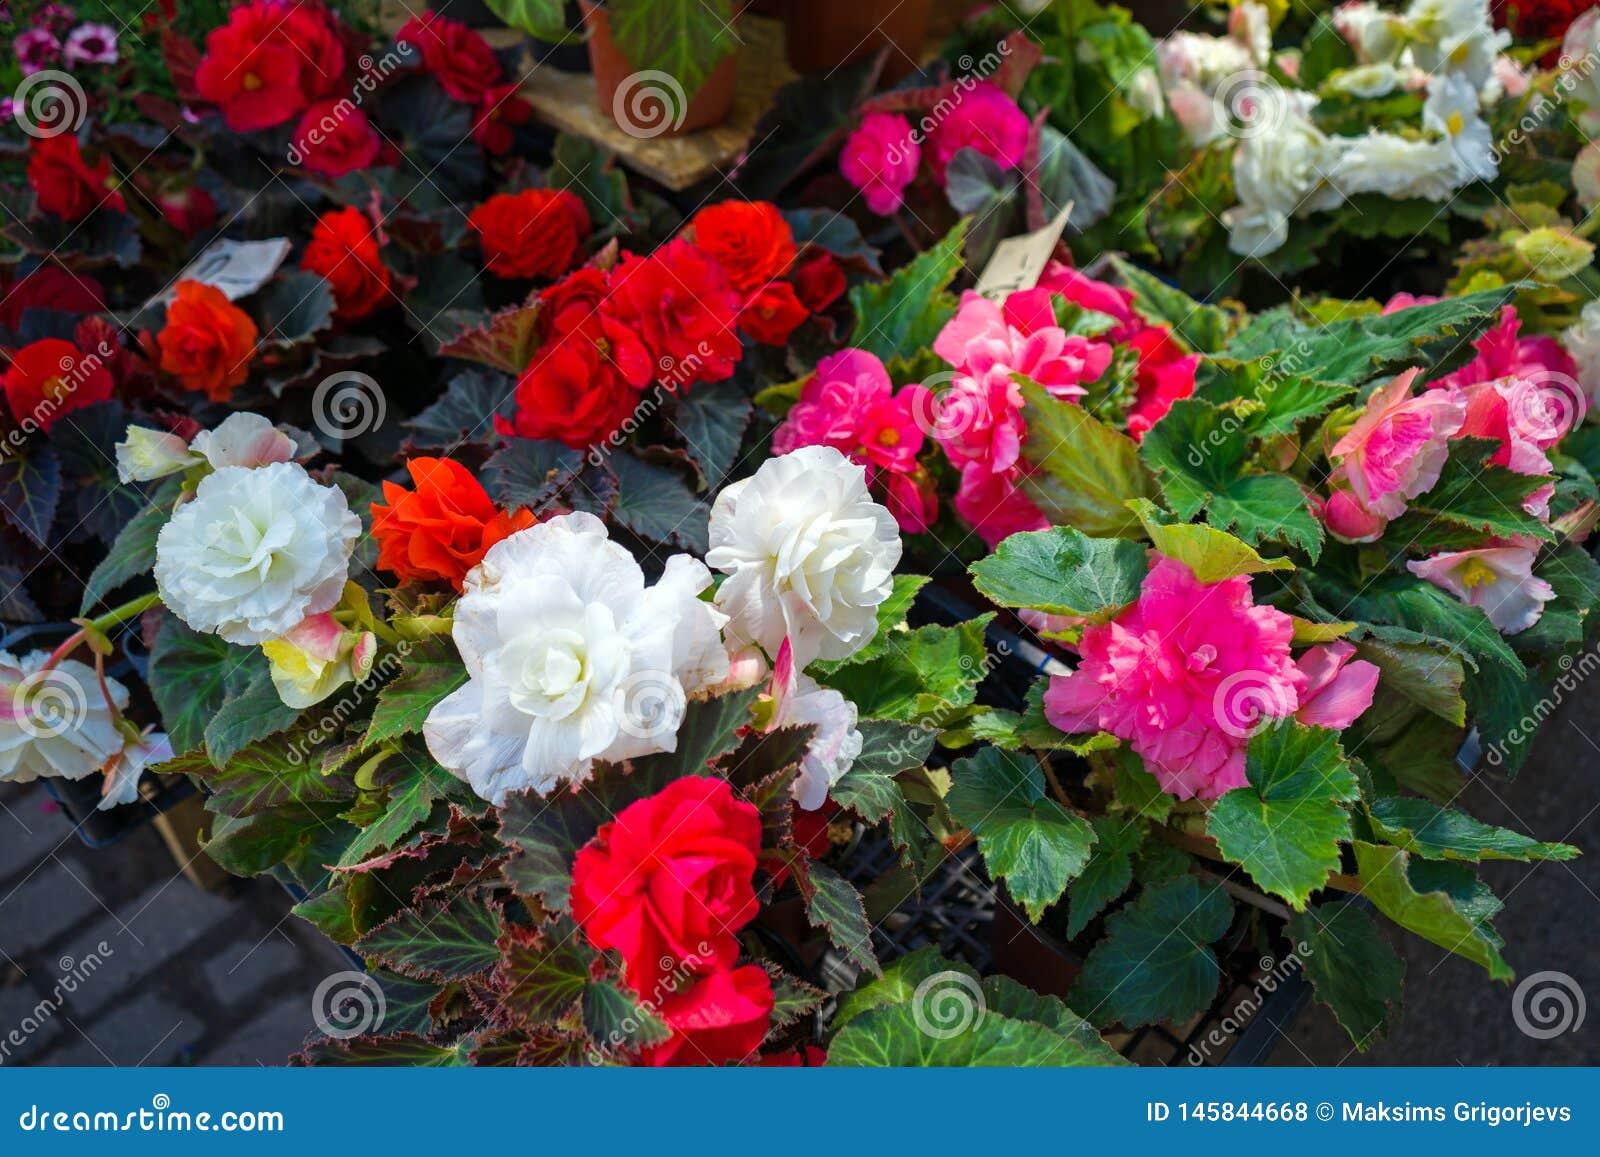 Flores blancas, rojas y rosadas de la begonia en potes en venta en la exhibición del mercado del jardín